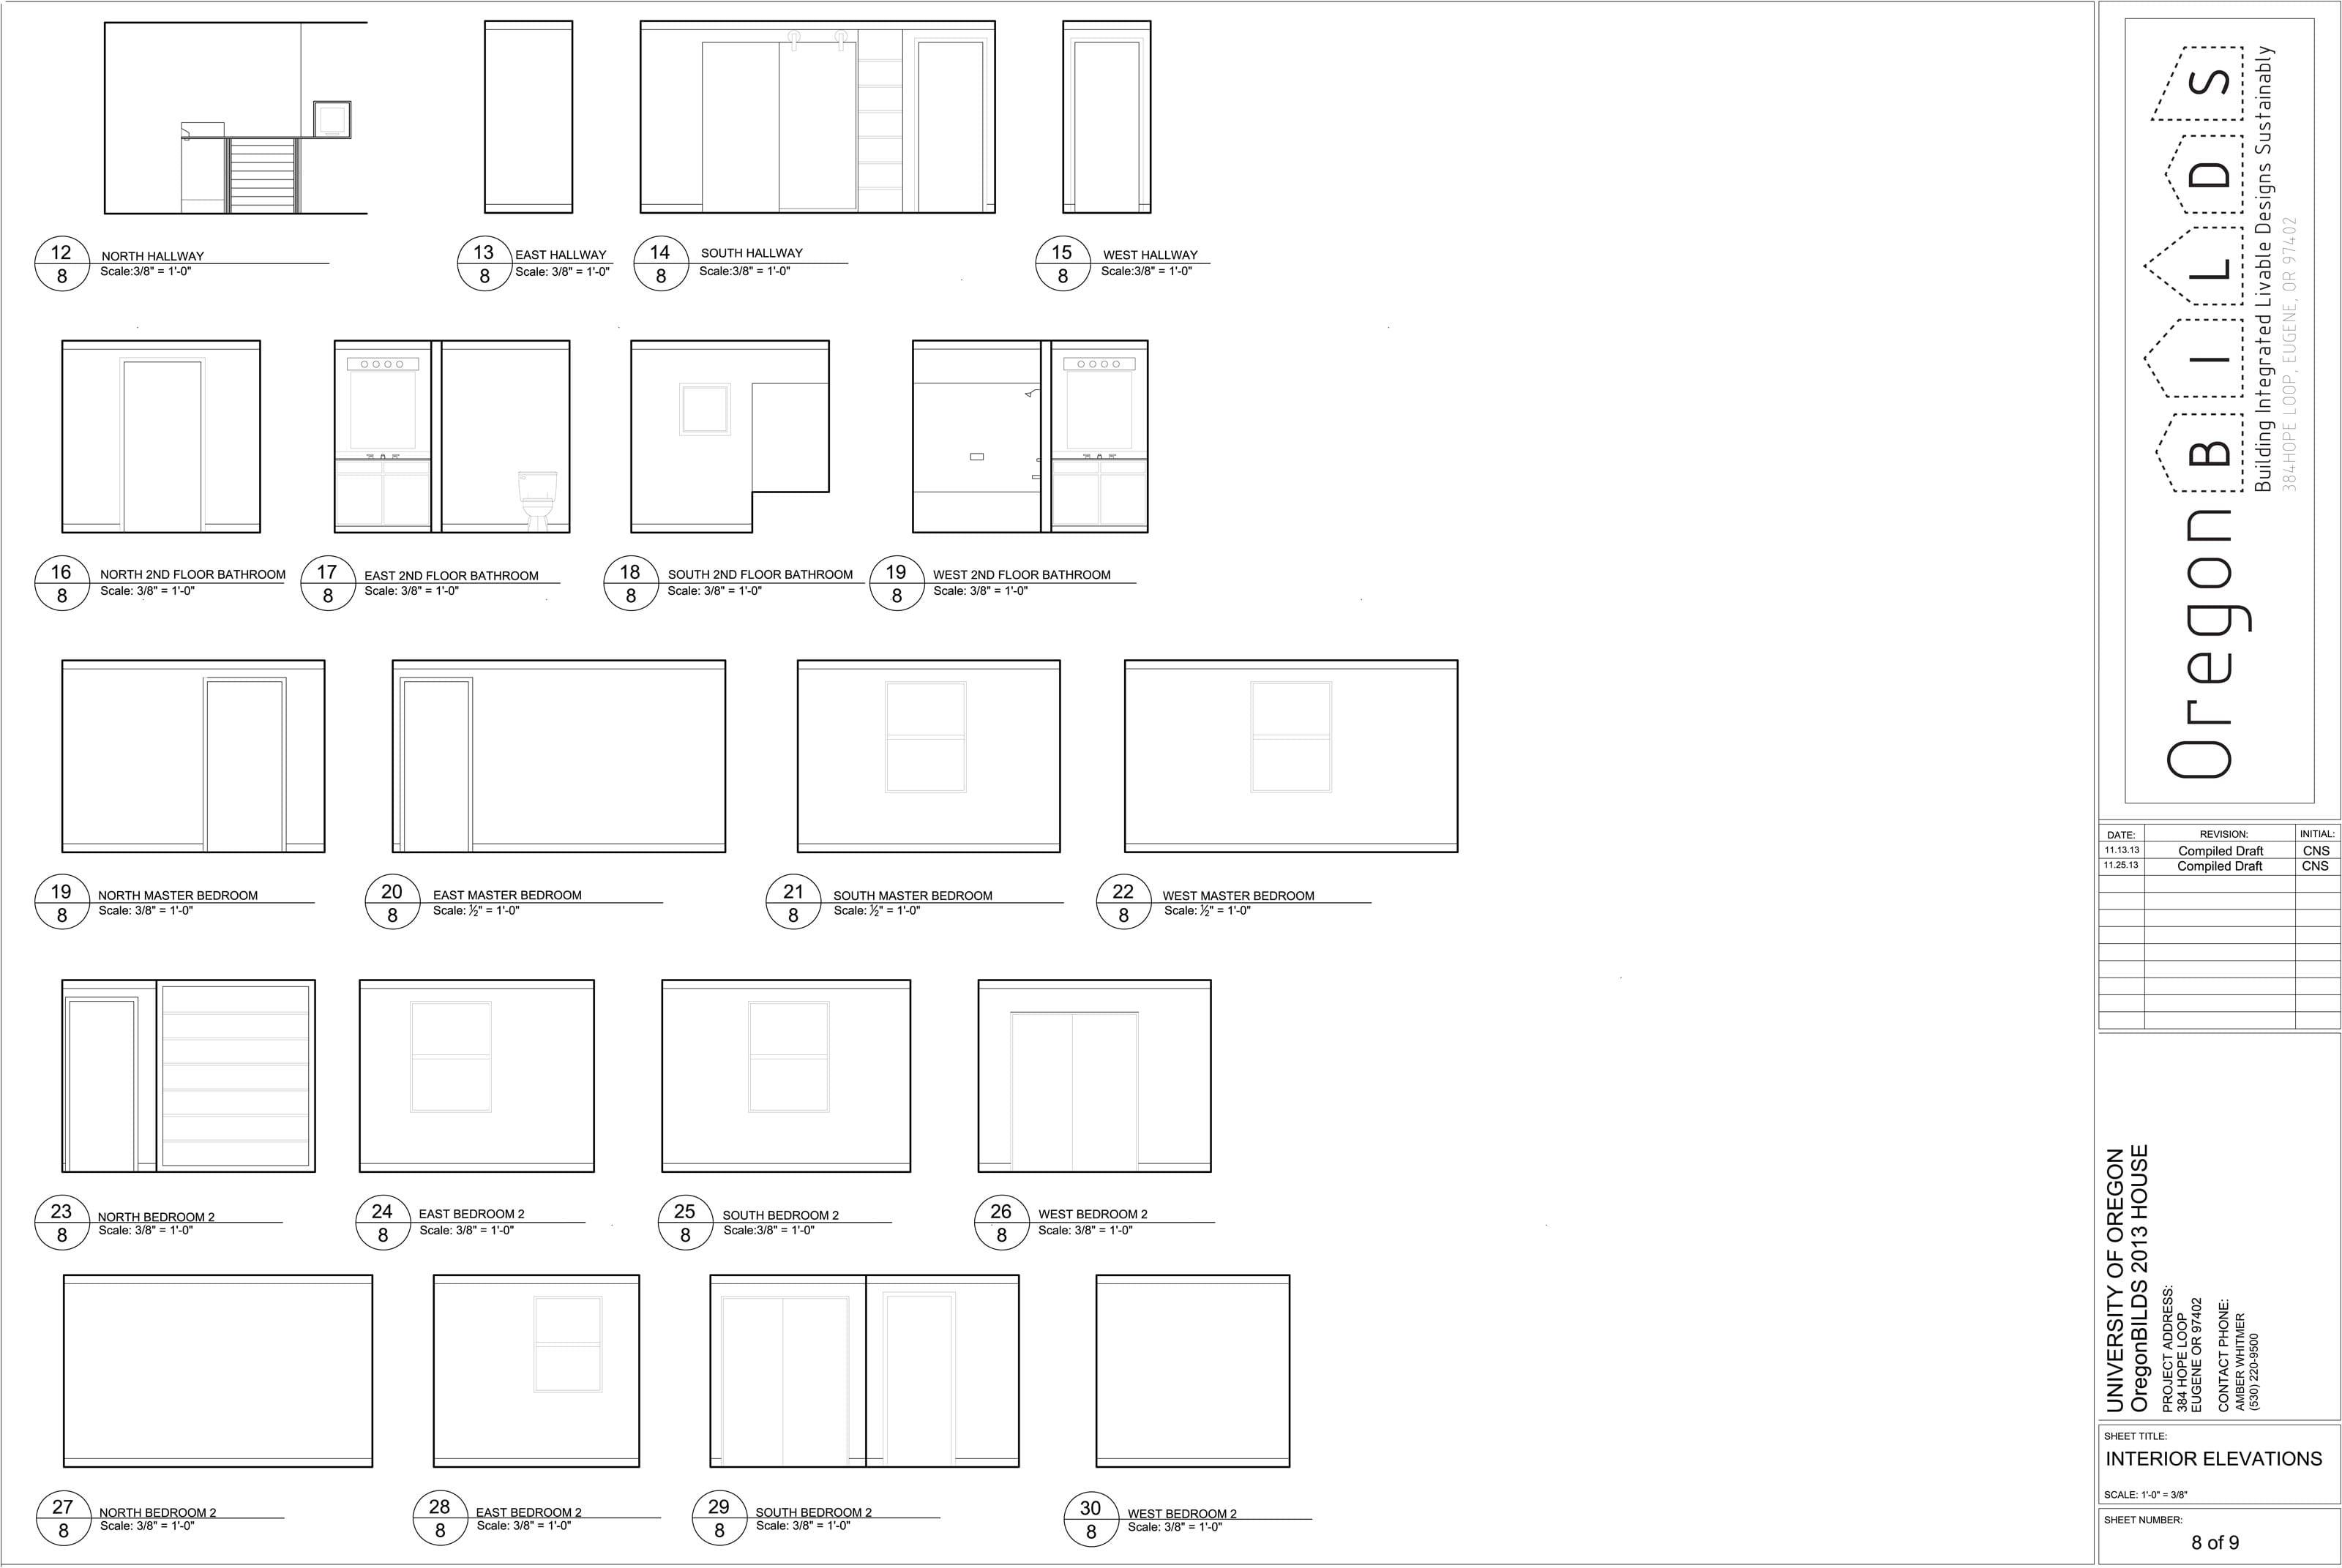 8_ interiors 2